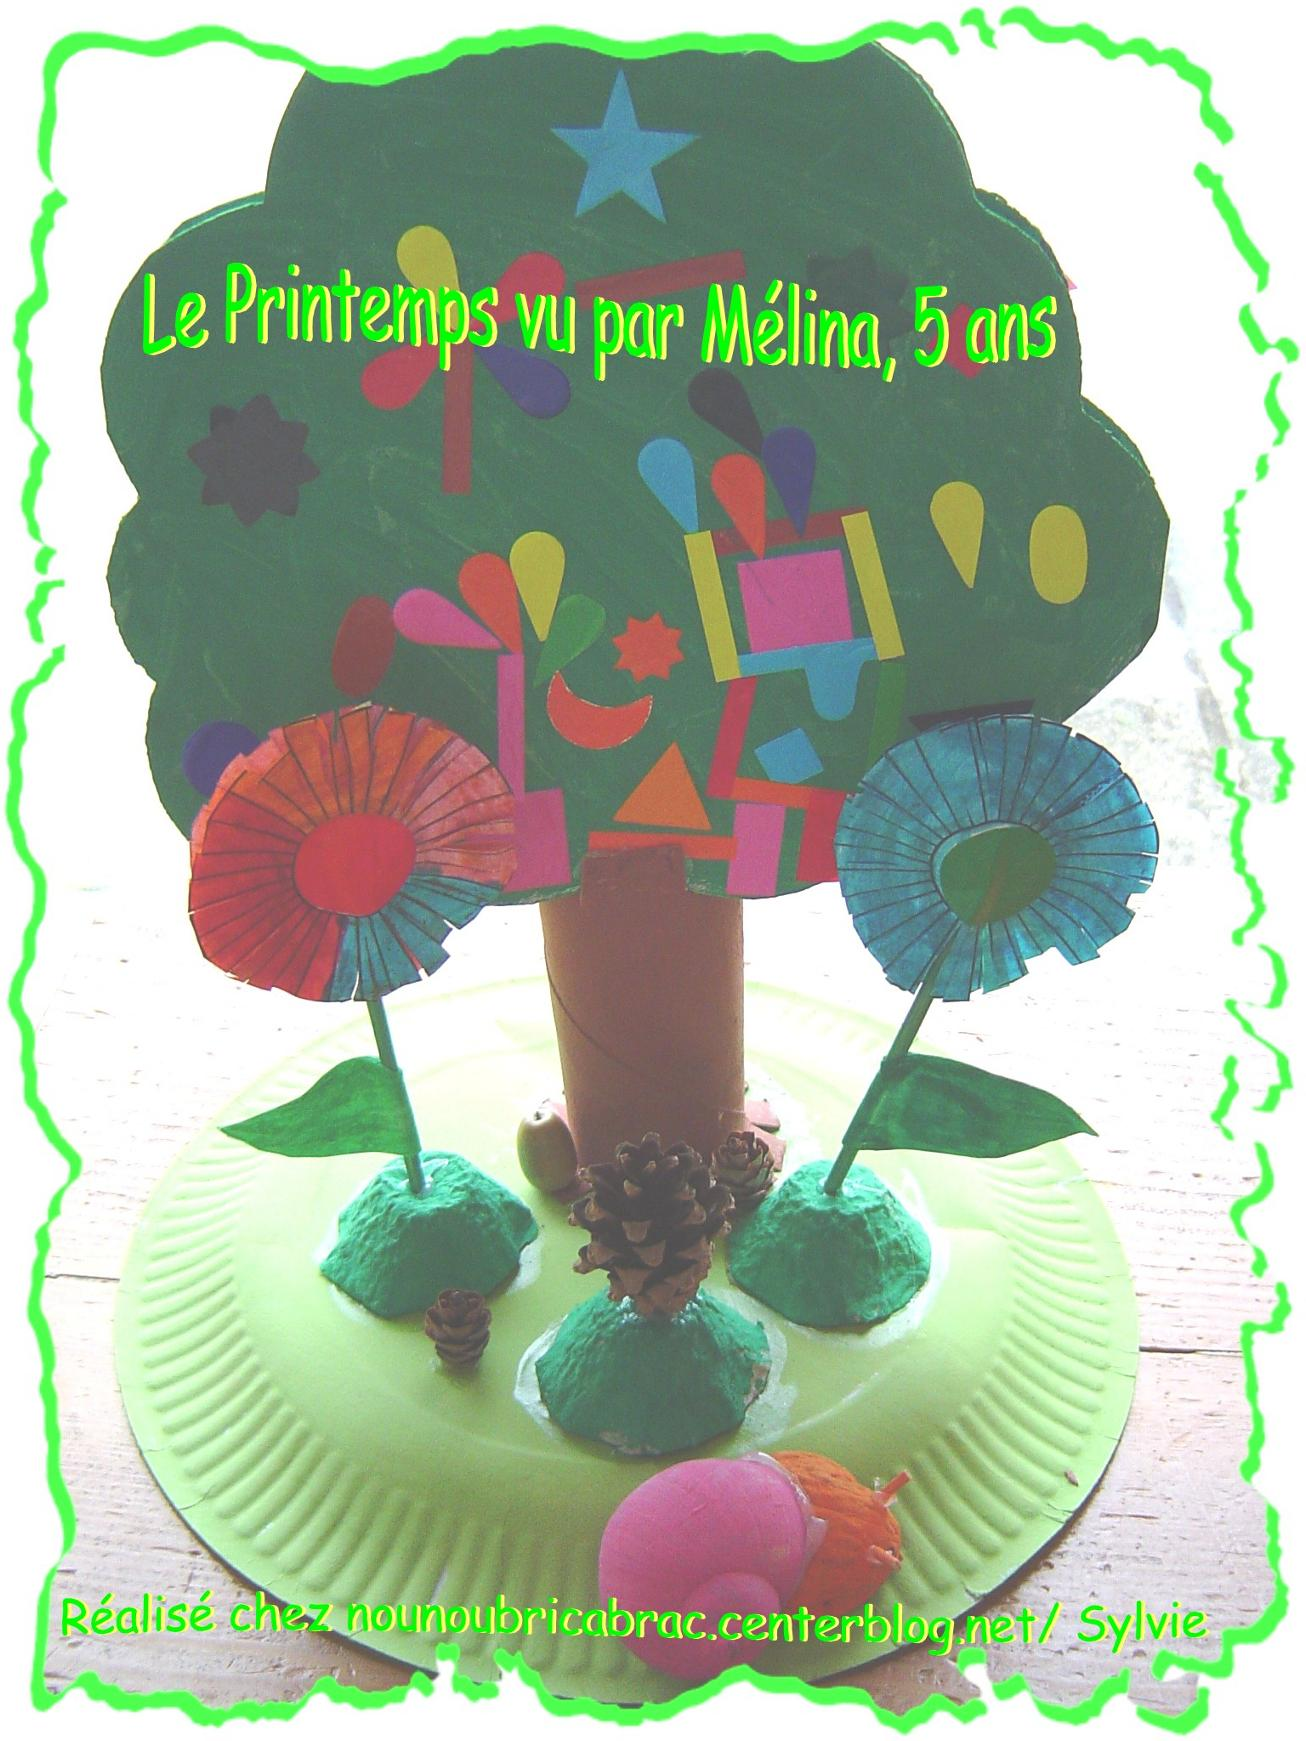 Petit Décor Printanier... réalisé par Mélina, 5 ans